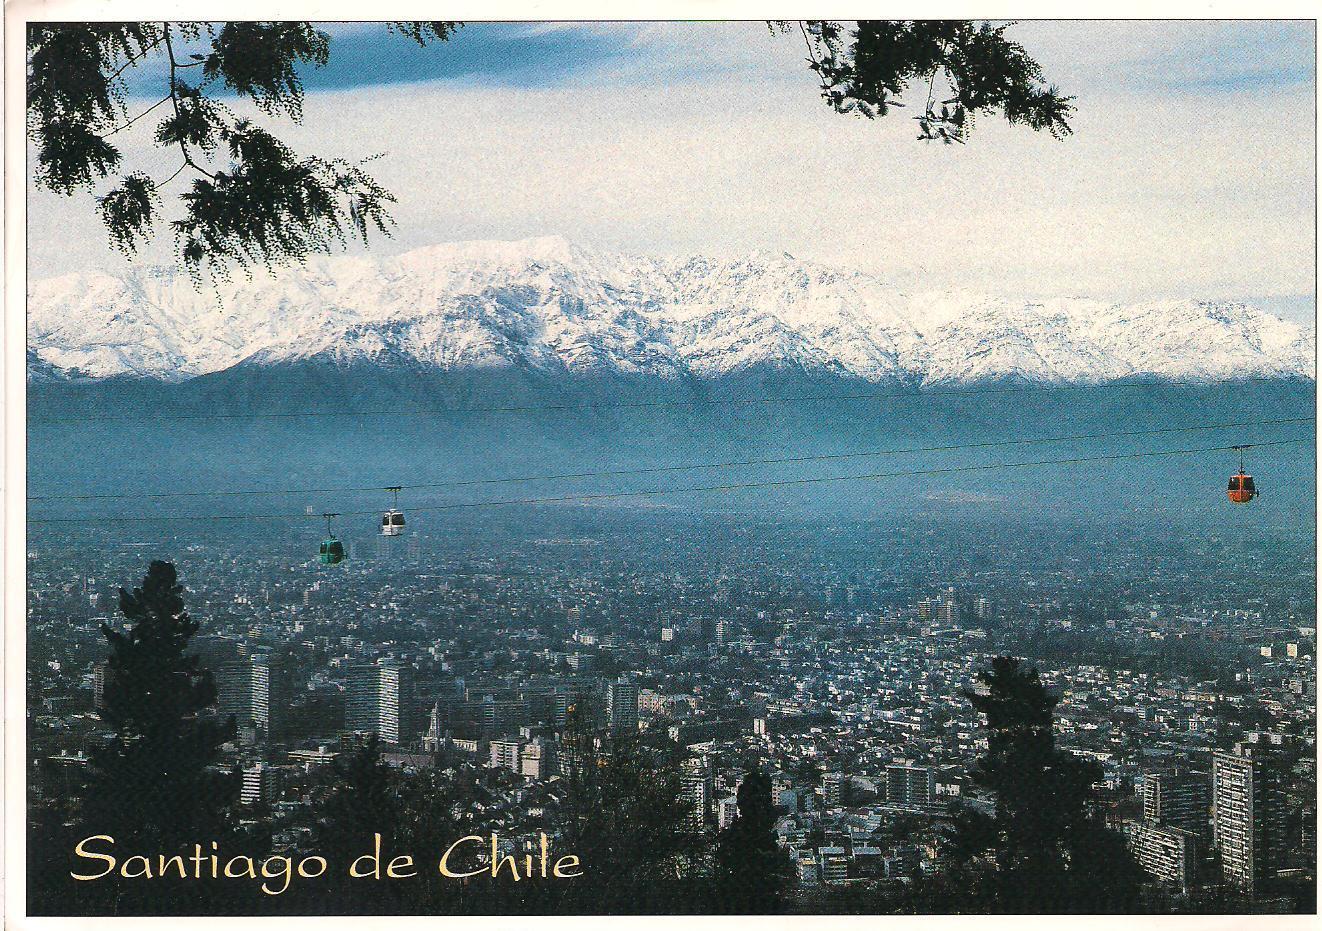 http://4.bp.blogspot.com/-SFfS1vDM4pE/TijE9oY4nwI/AAAAAAAAAIA/hmvWNcdsems/s1600/Santiago+de+Chile+da+Mariel.jpg